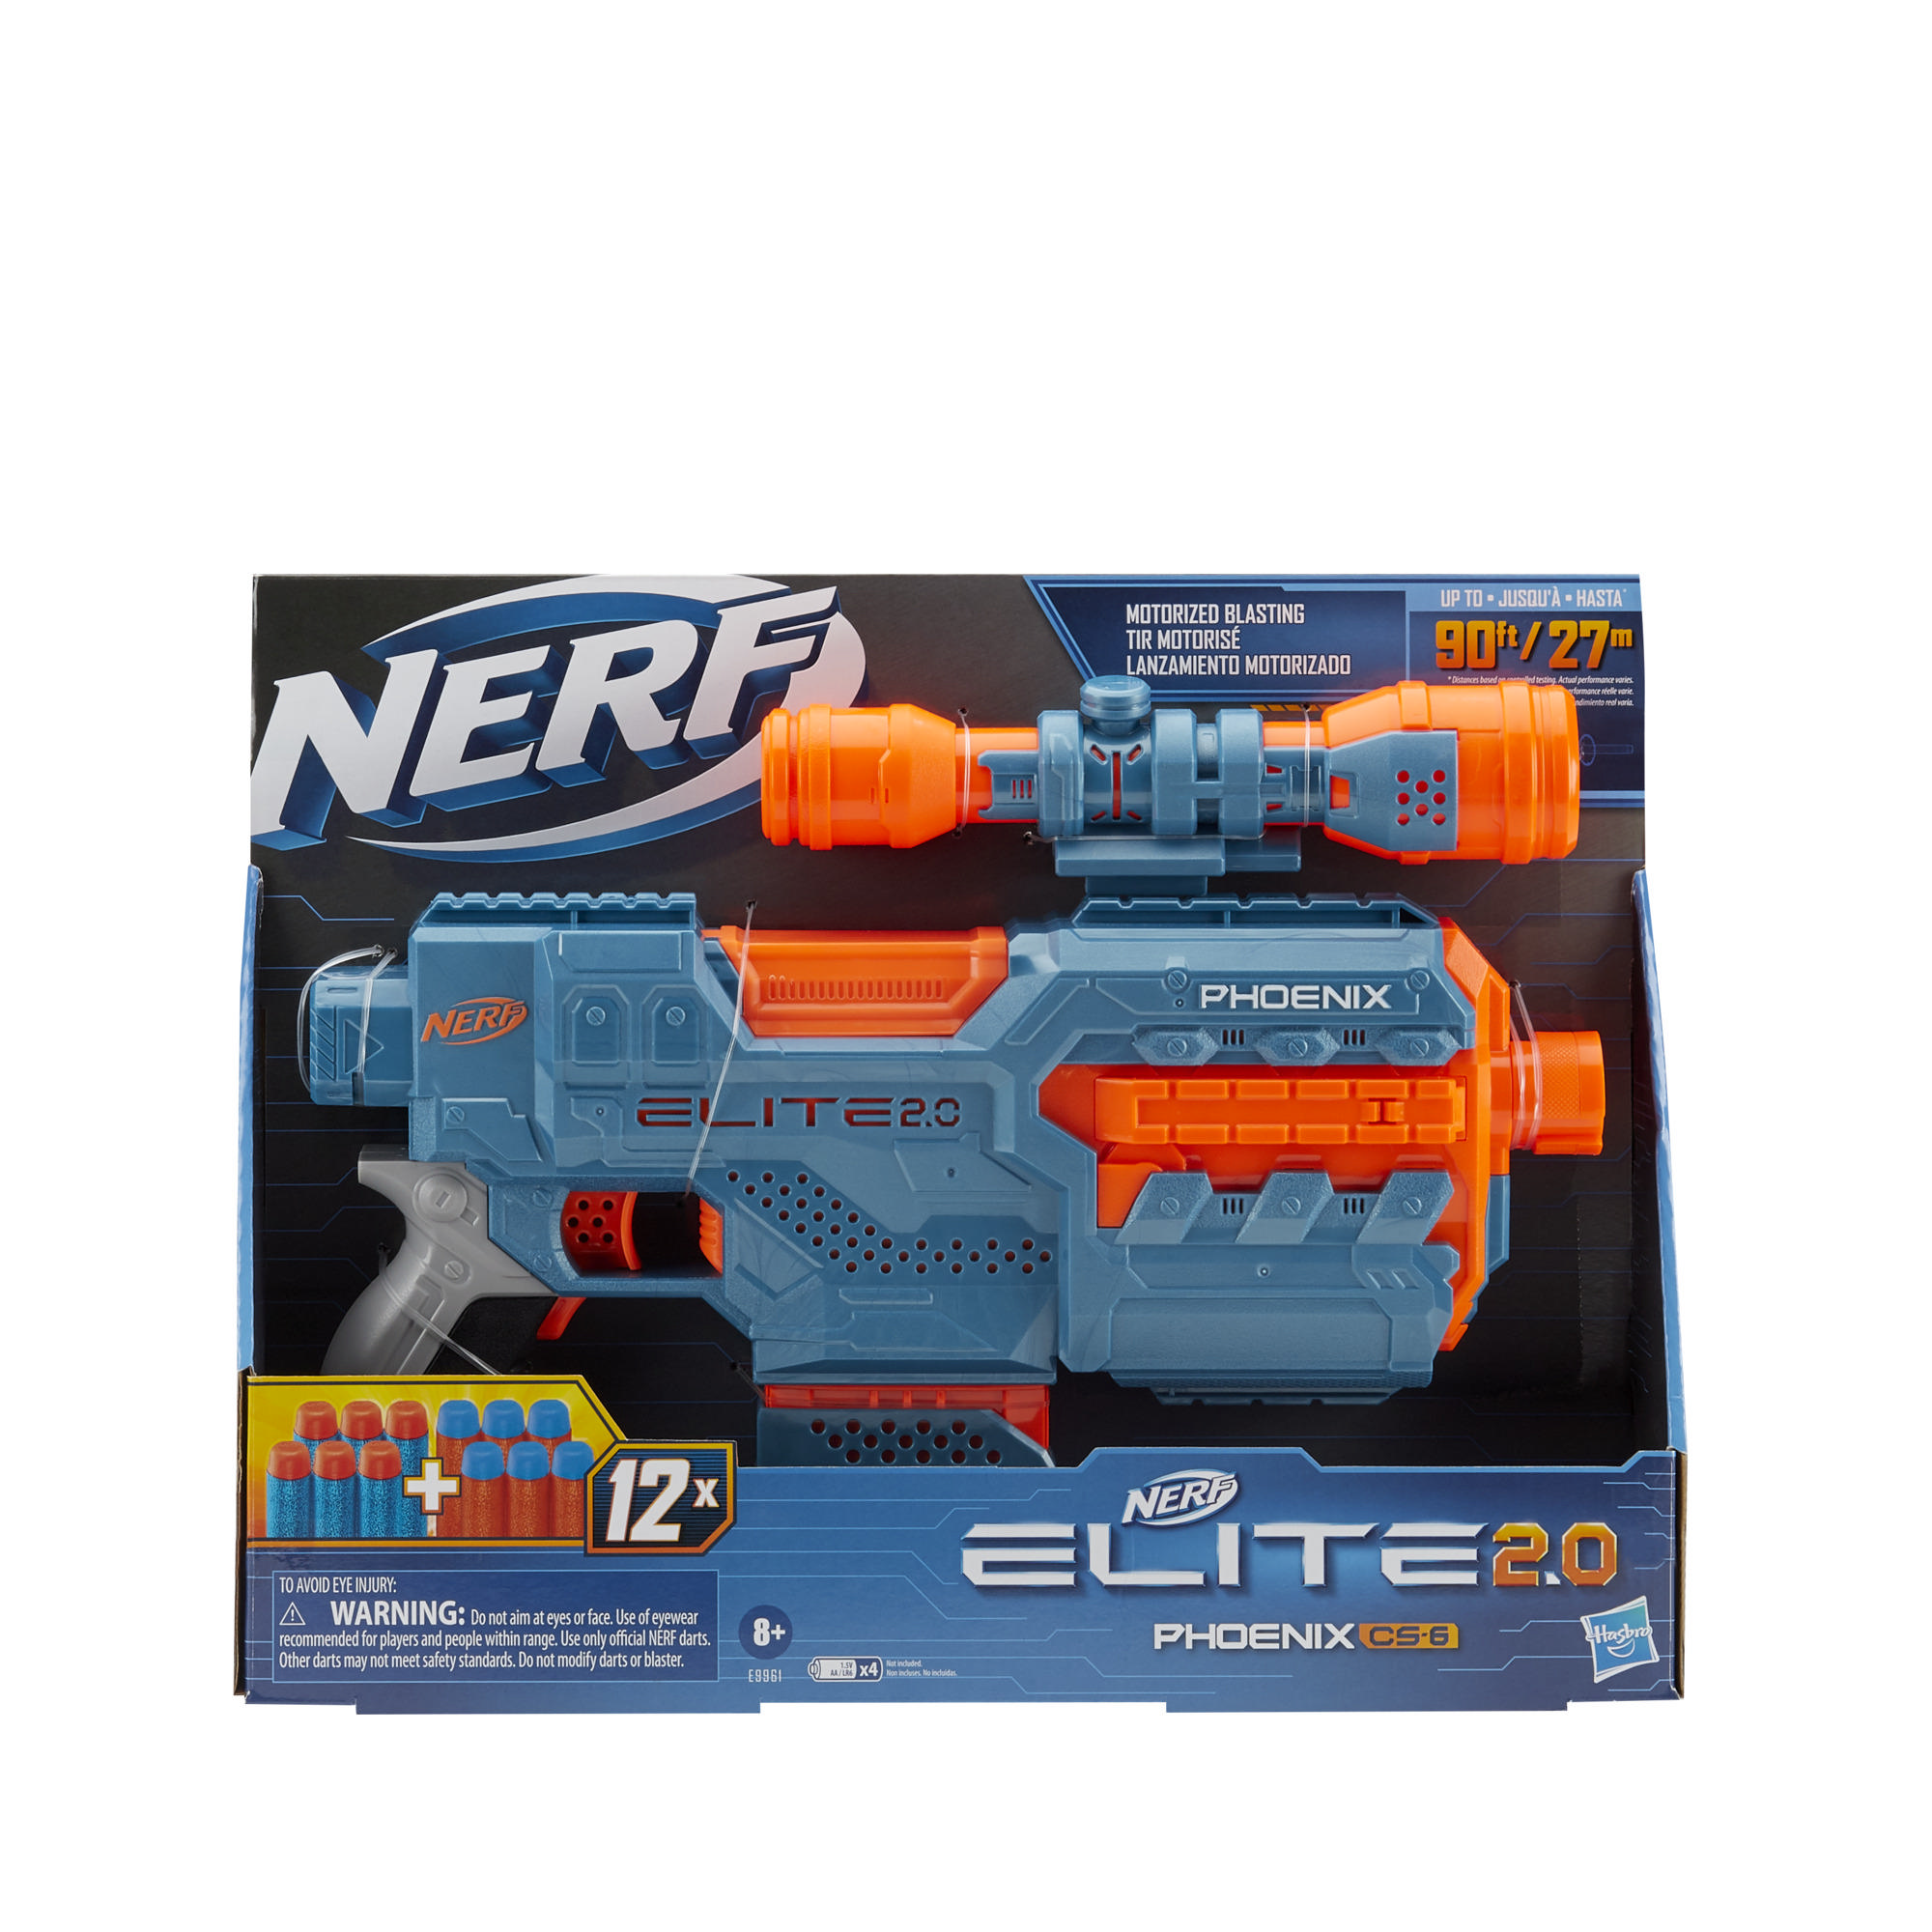 Gemotoriseerde Nerf Elite 2.0 Phoenix CS-6-blaster, 12 officiële Nerf-darts, vizier, magazijn, ingebouwde aanpassingsmogelijkheden